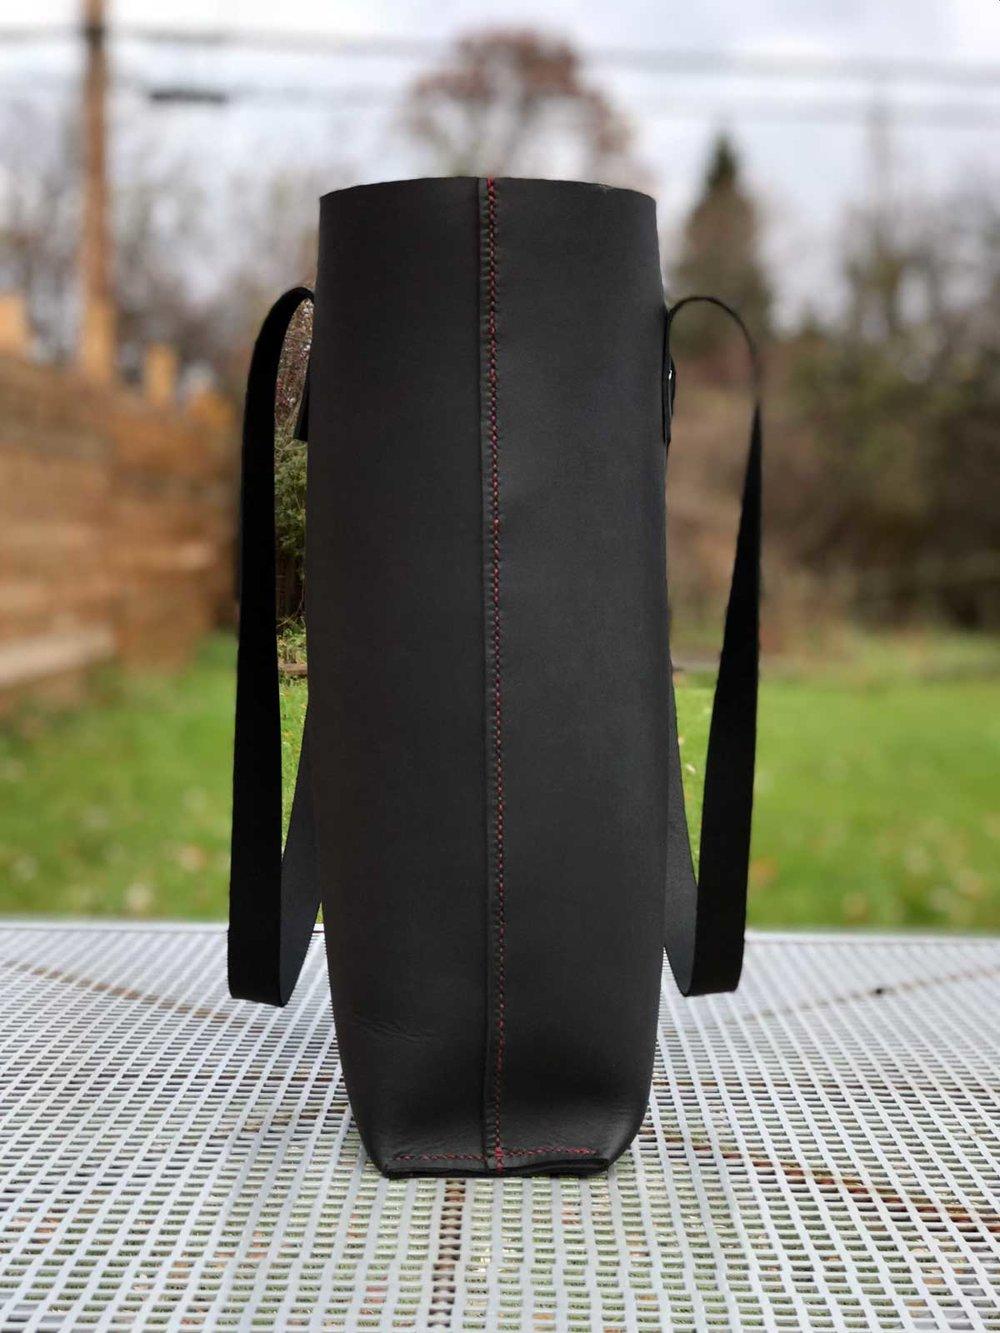 Leather-Bag-3-02.jpg